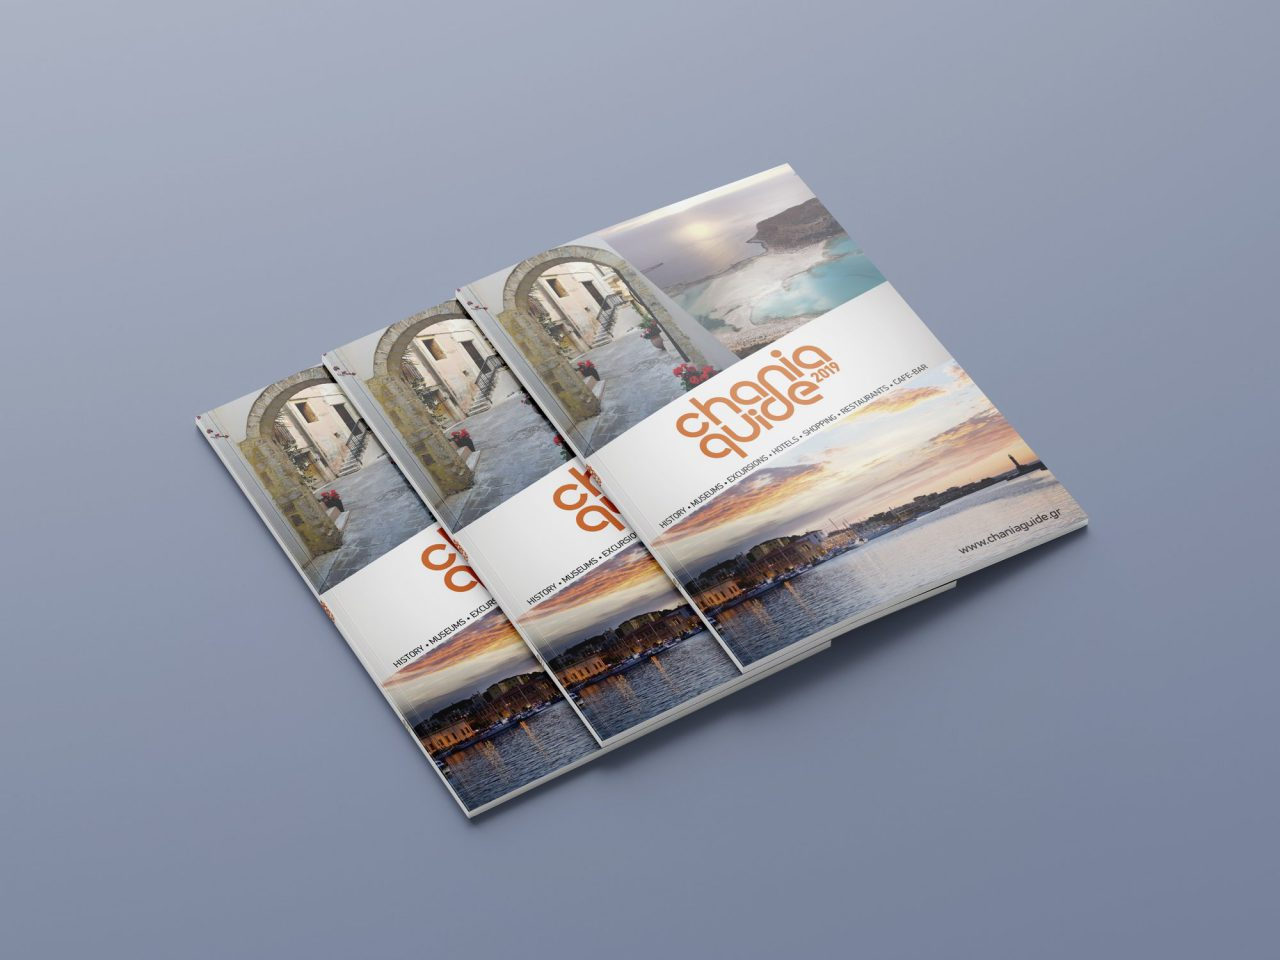 Chania Guide - Editorial Design